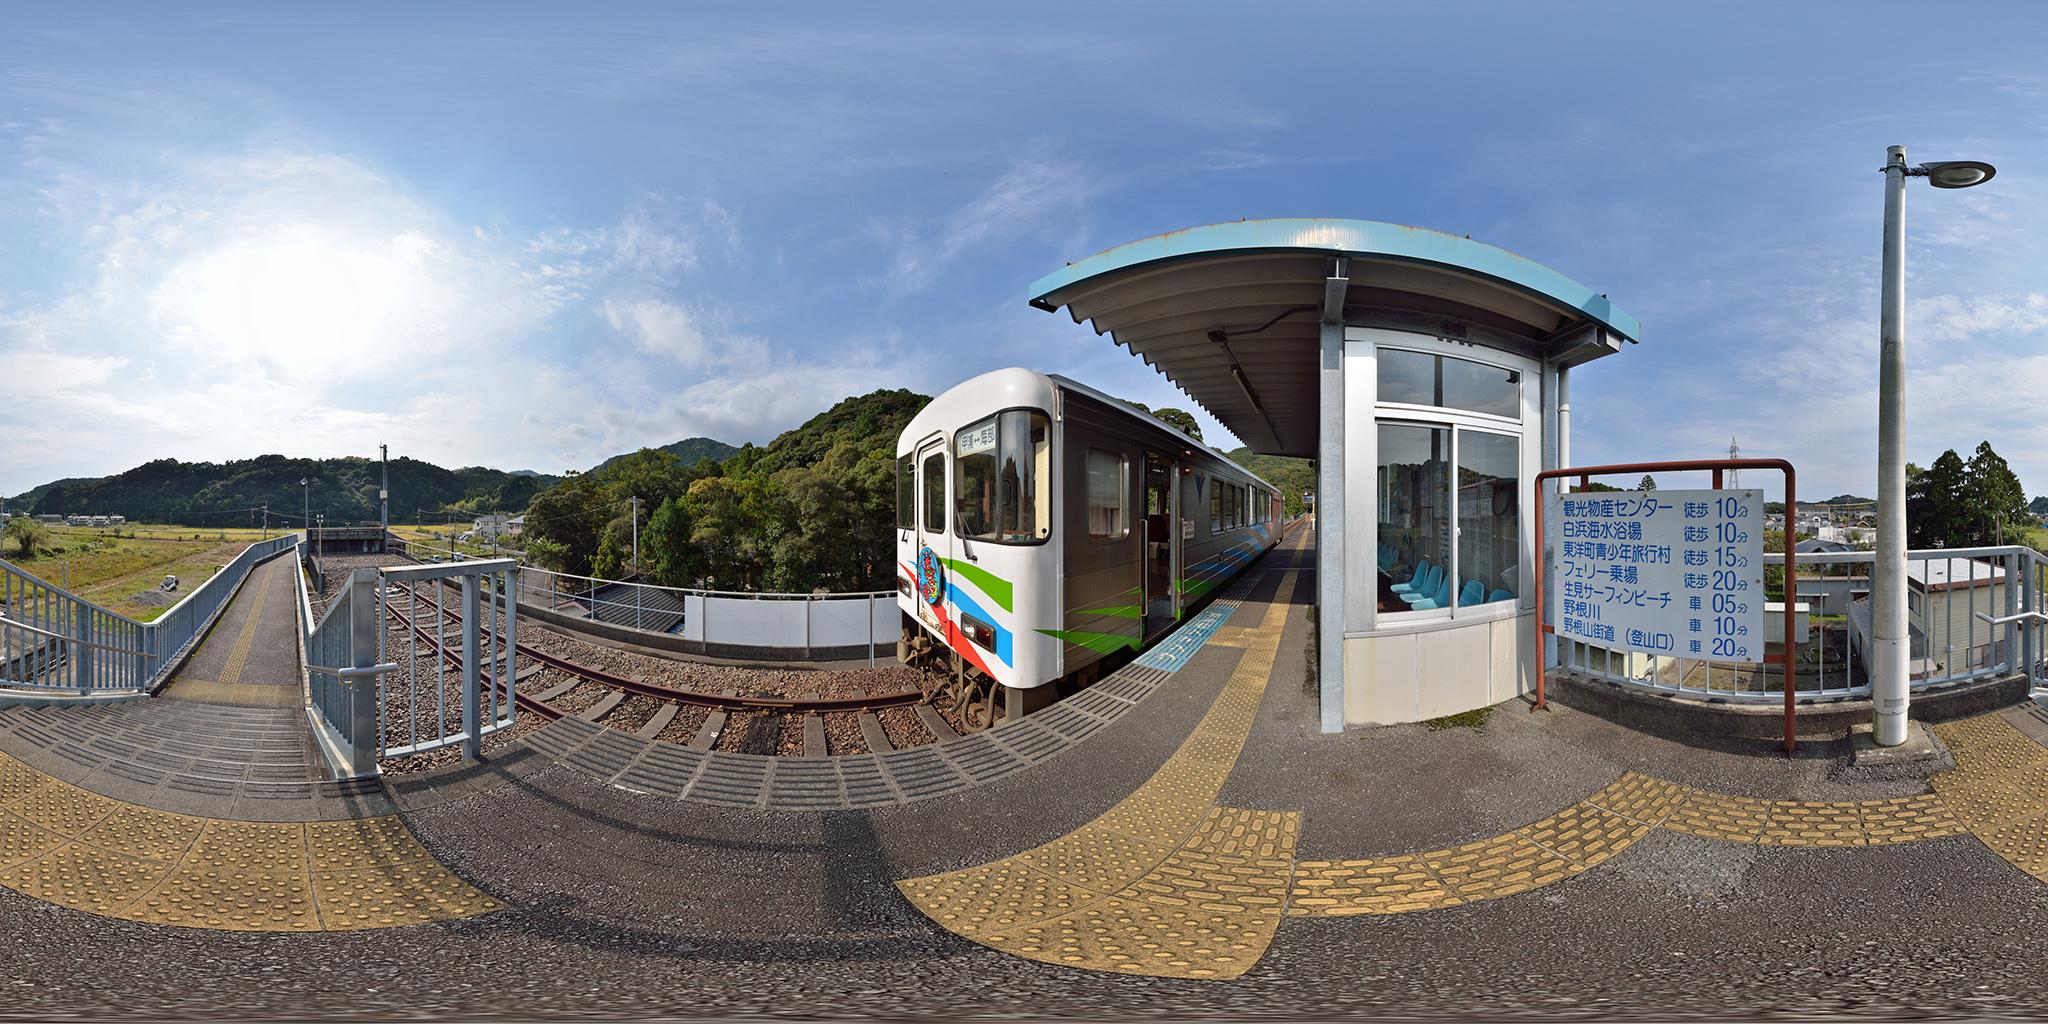 阿佐海岸鉄道甲浦駅にてASA-100形